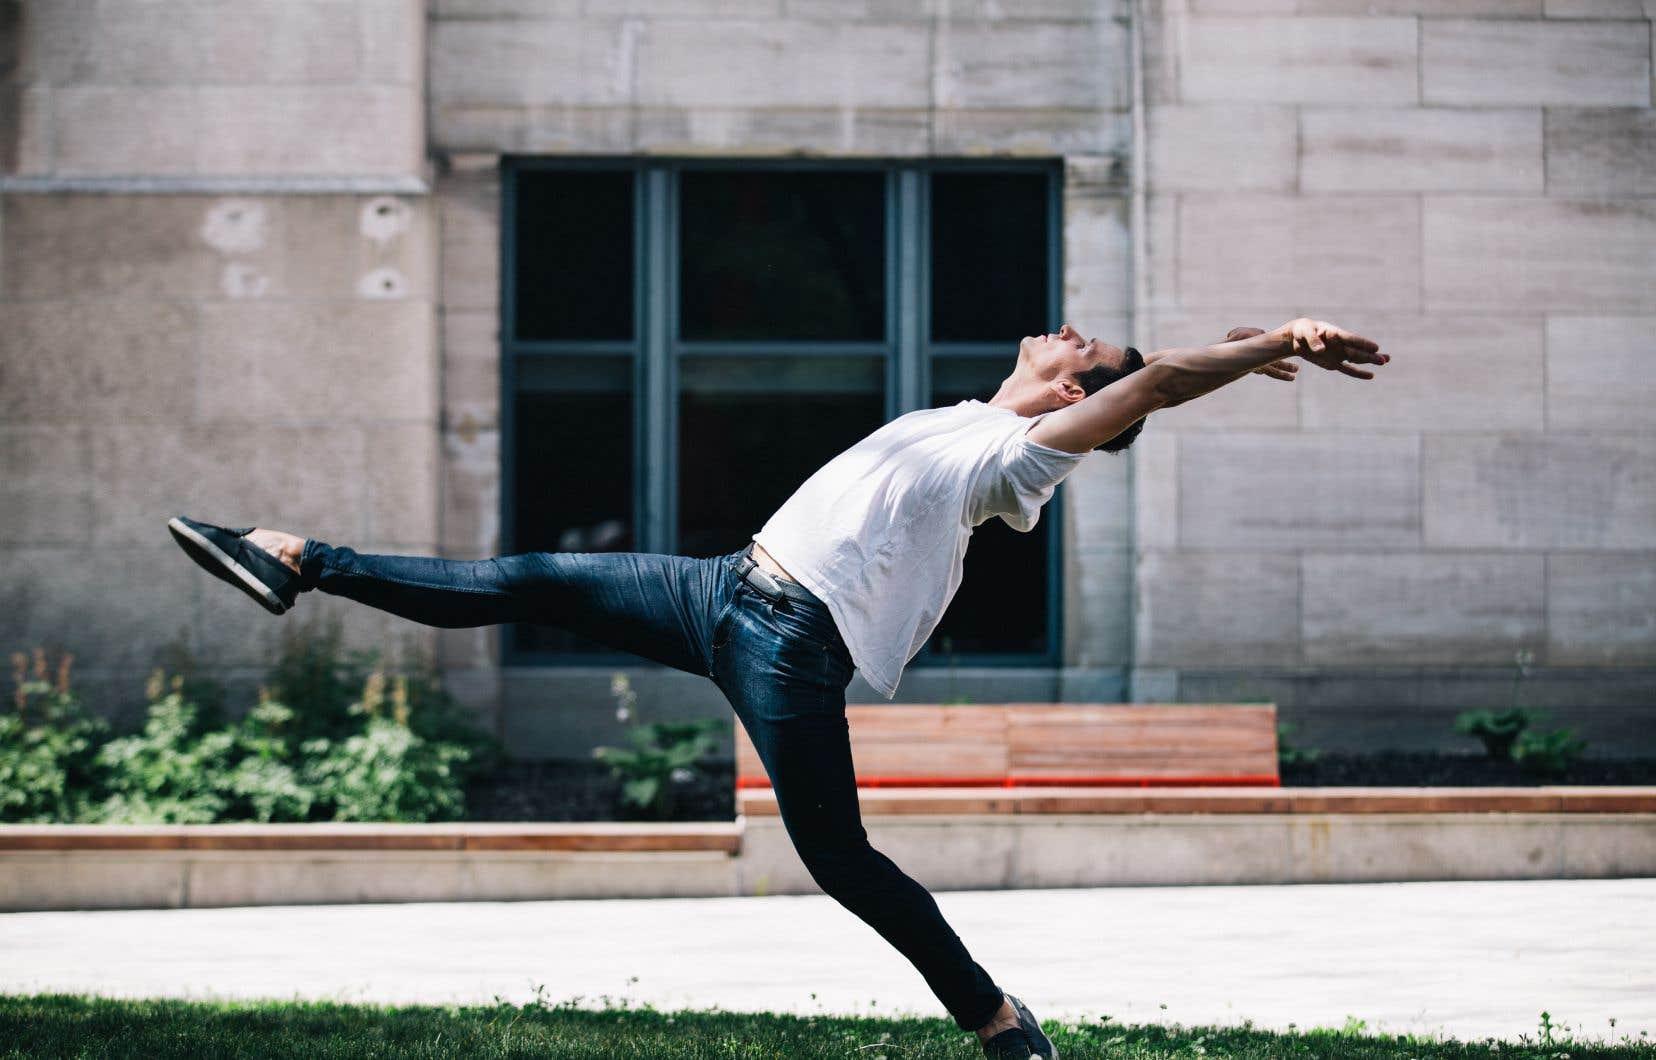 Guillaume Côté s'est réservé une capsule vidéo. Le danseur et chorégraphe a élaboré son solo à partir d'une musique composée par Éric Champagne, une pièce qui sera interprétée au piano par Yannik Nézet-Séguin.